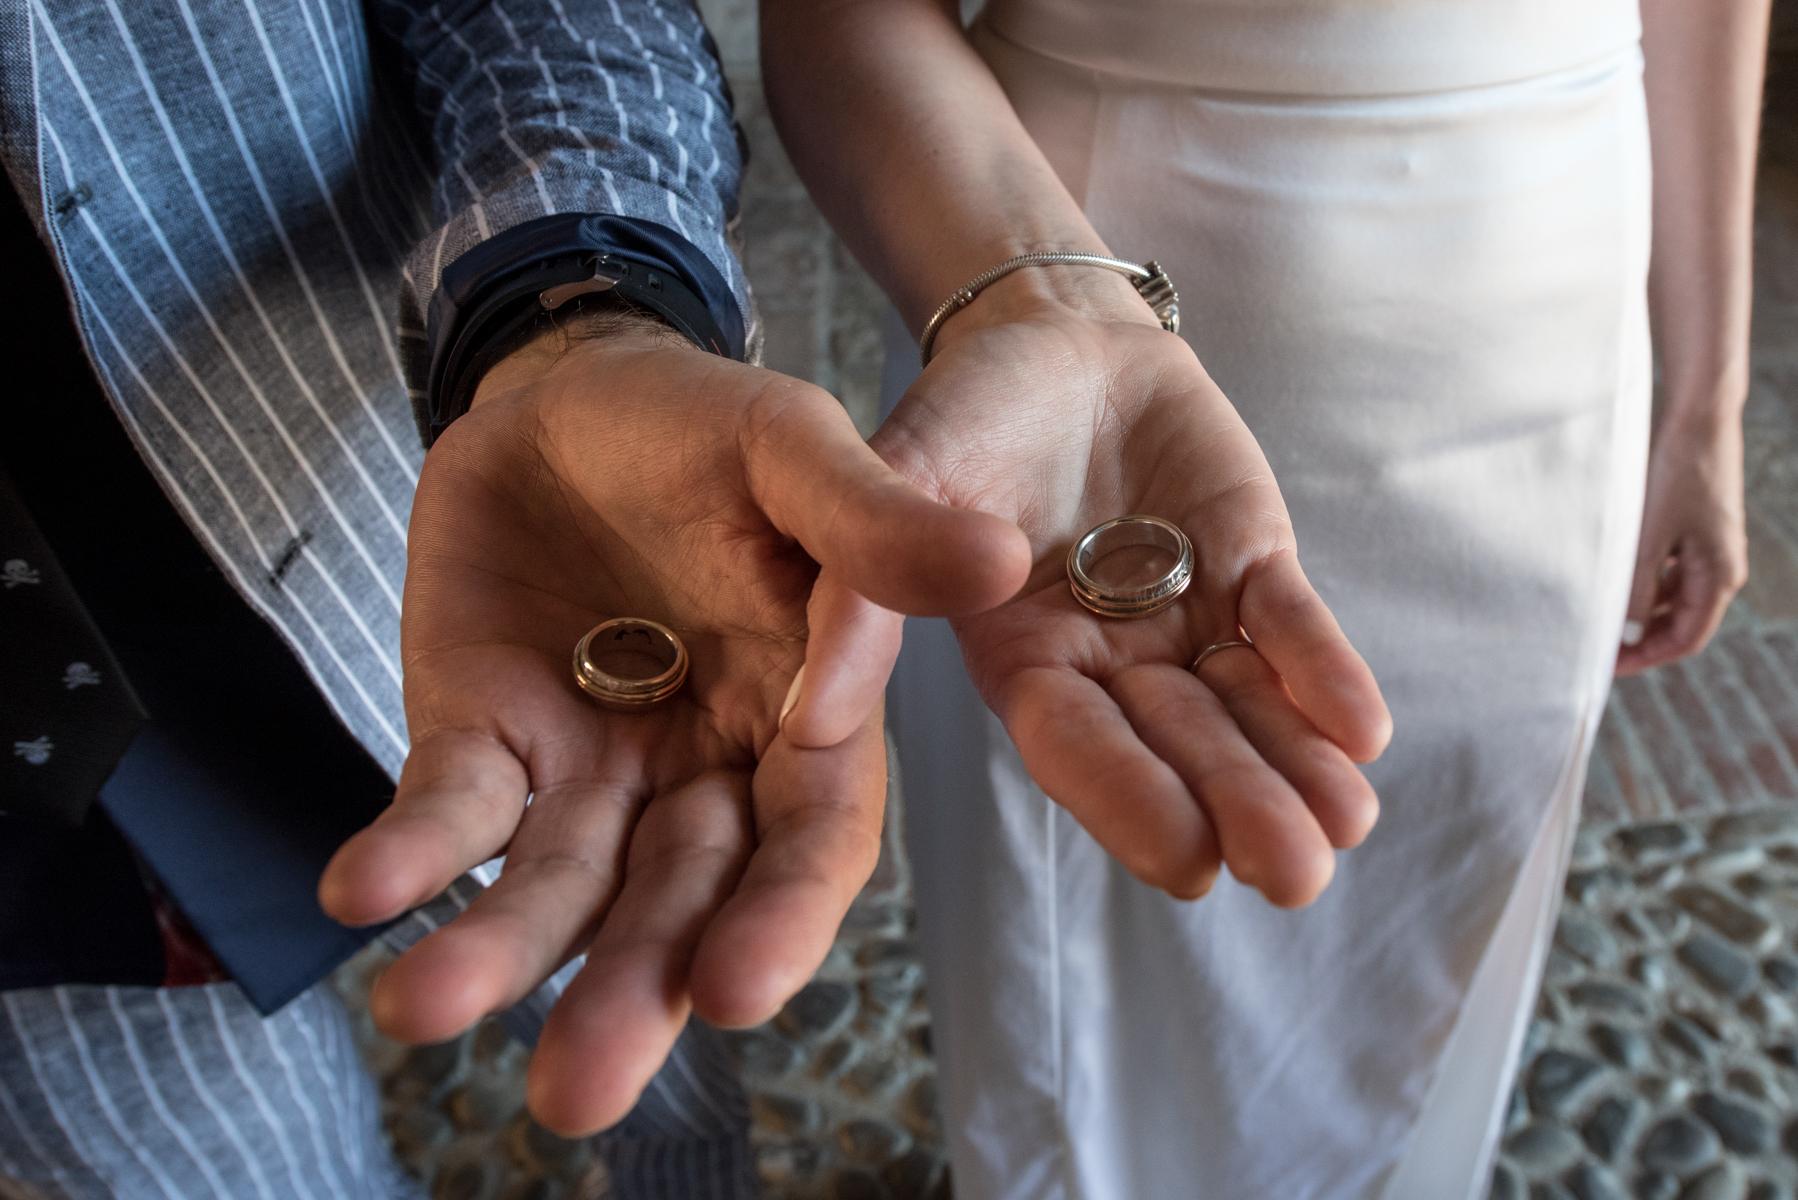 Rocca San Vitale - Fontanellato - Parma - Italien - Die Braut und der Bräutigam, die auf den Beginn der Zeremonie warten, lassen mich die Besonderheit ihres Glaubens beobachten.